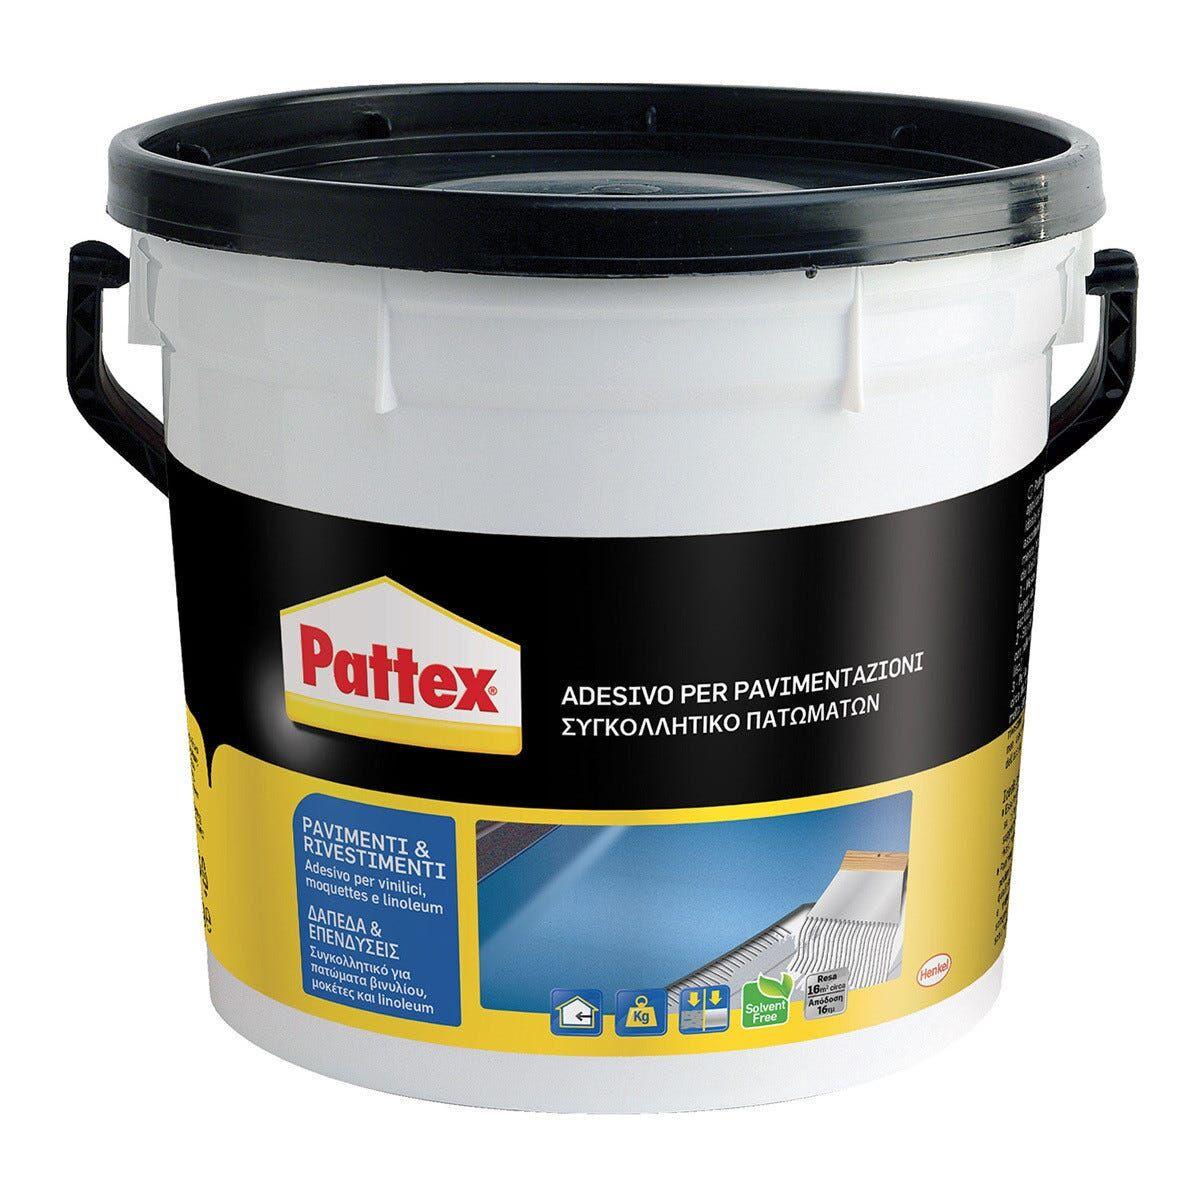 PATTEX Adesivo Pavimenti E Rivestimenti 5 Kg Per Vinilici Moquettes E Linoleum